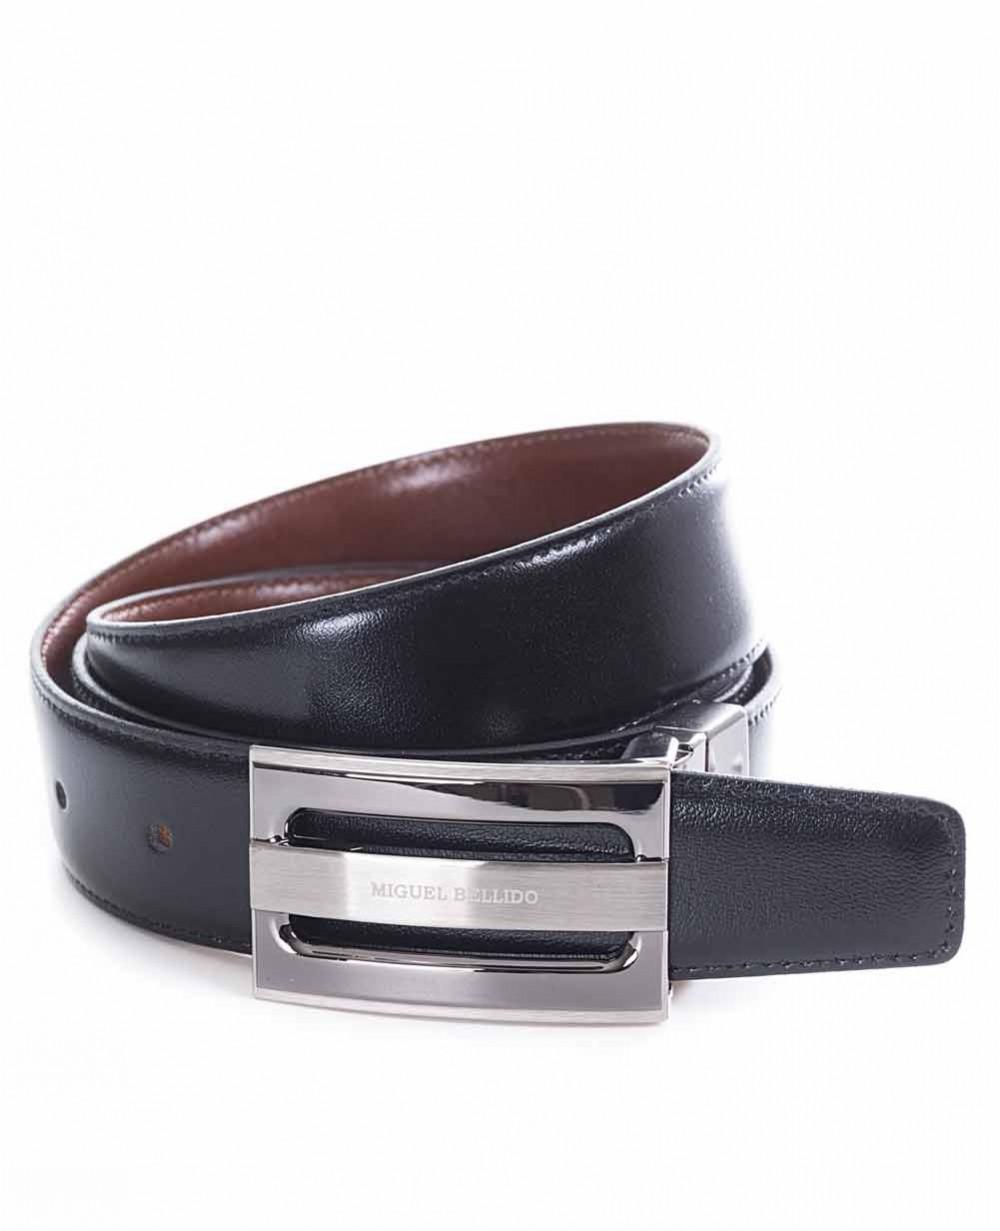 Miguel Bellido Cinturón clásico reversible Piel Negro/Marrón 105 (Foto )